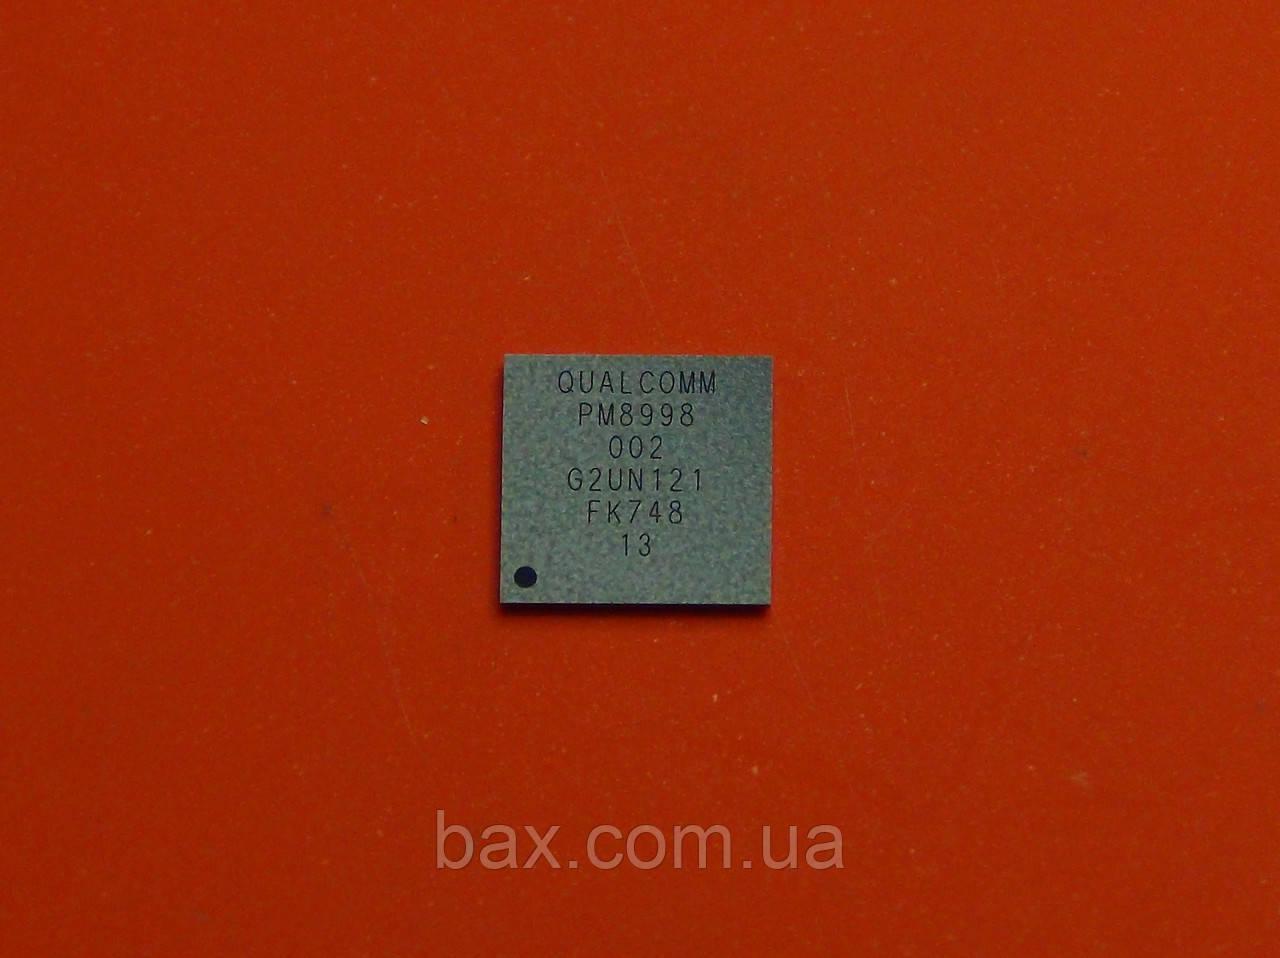 Микросхема контроллер питания PM8998 Новый в упаковке